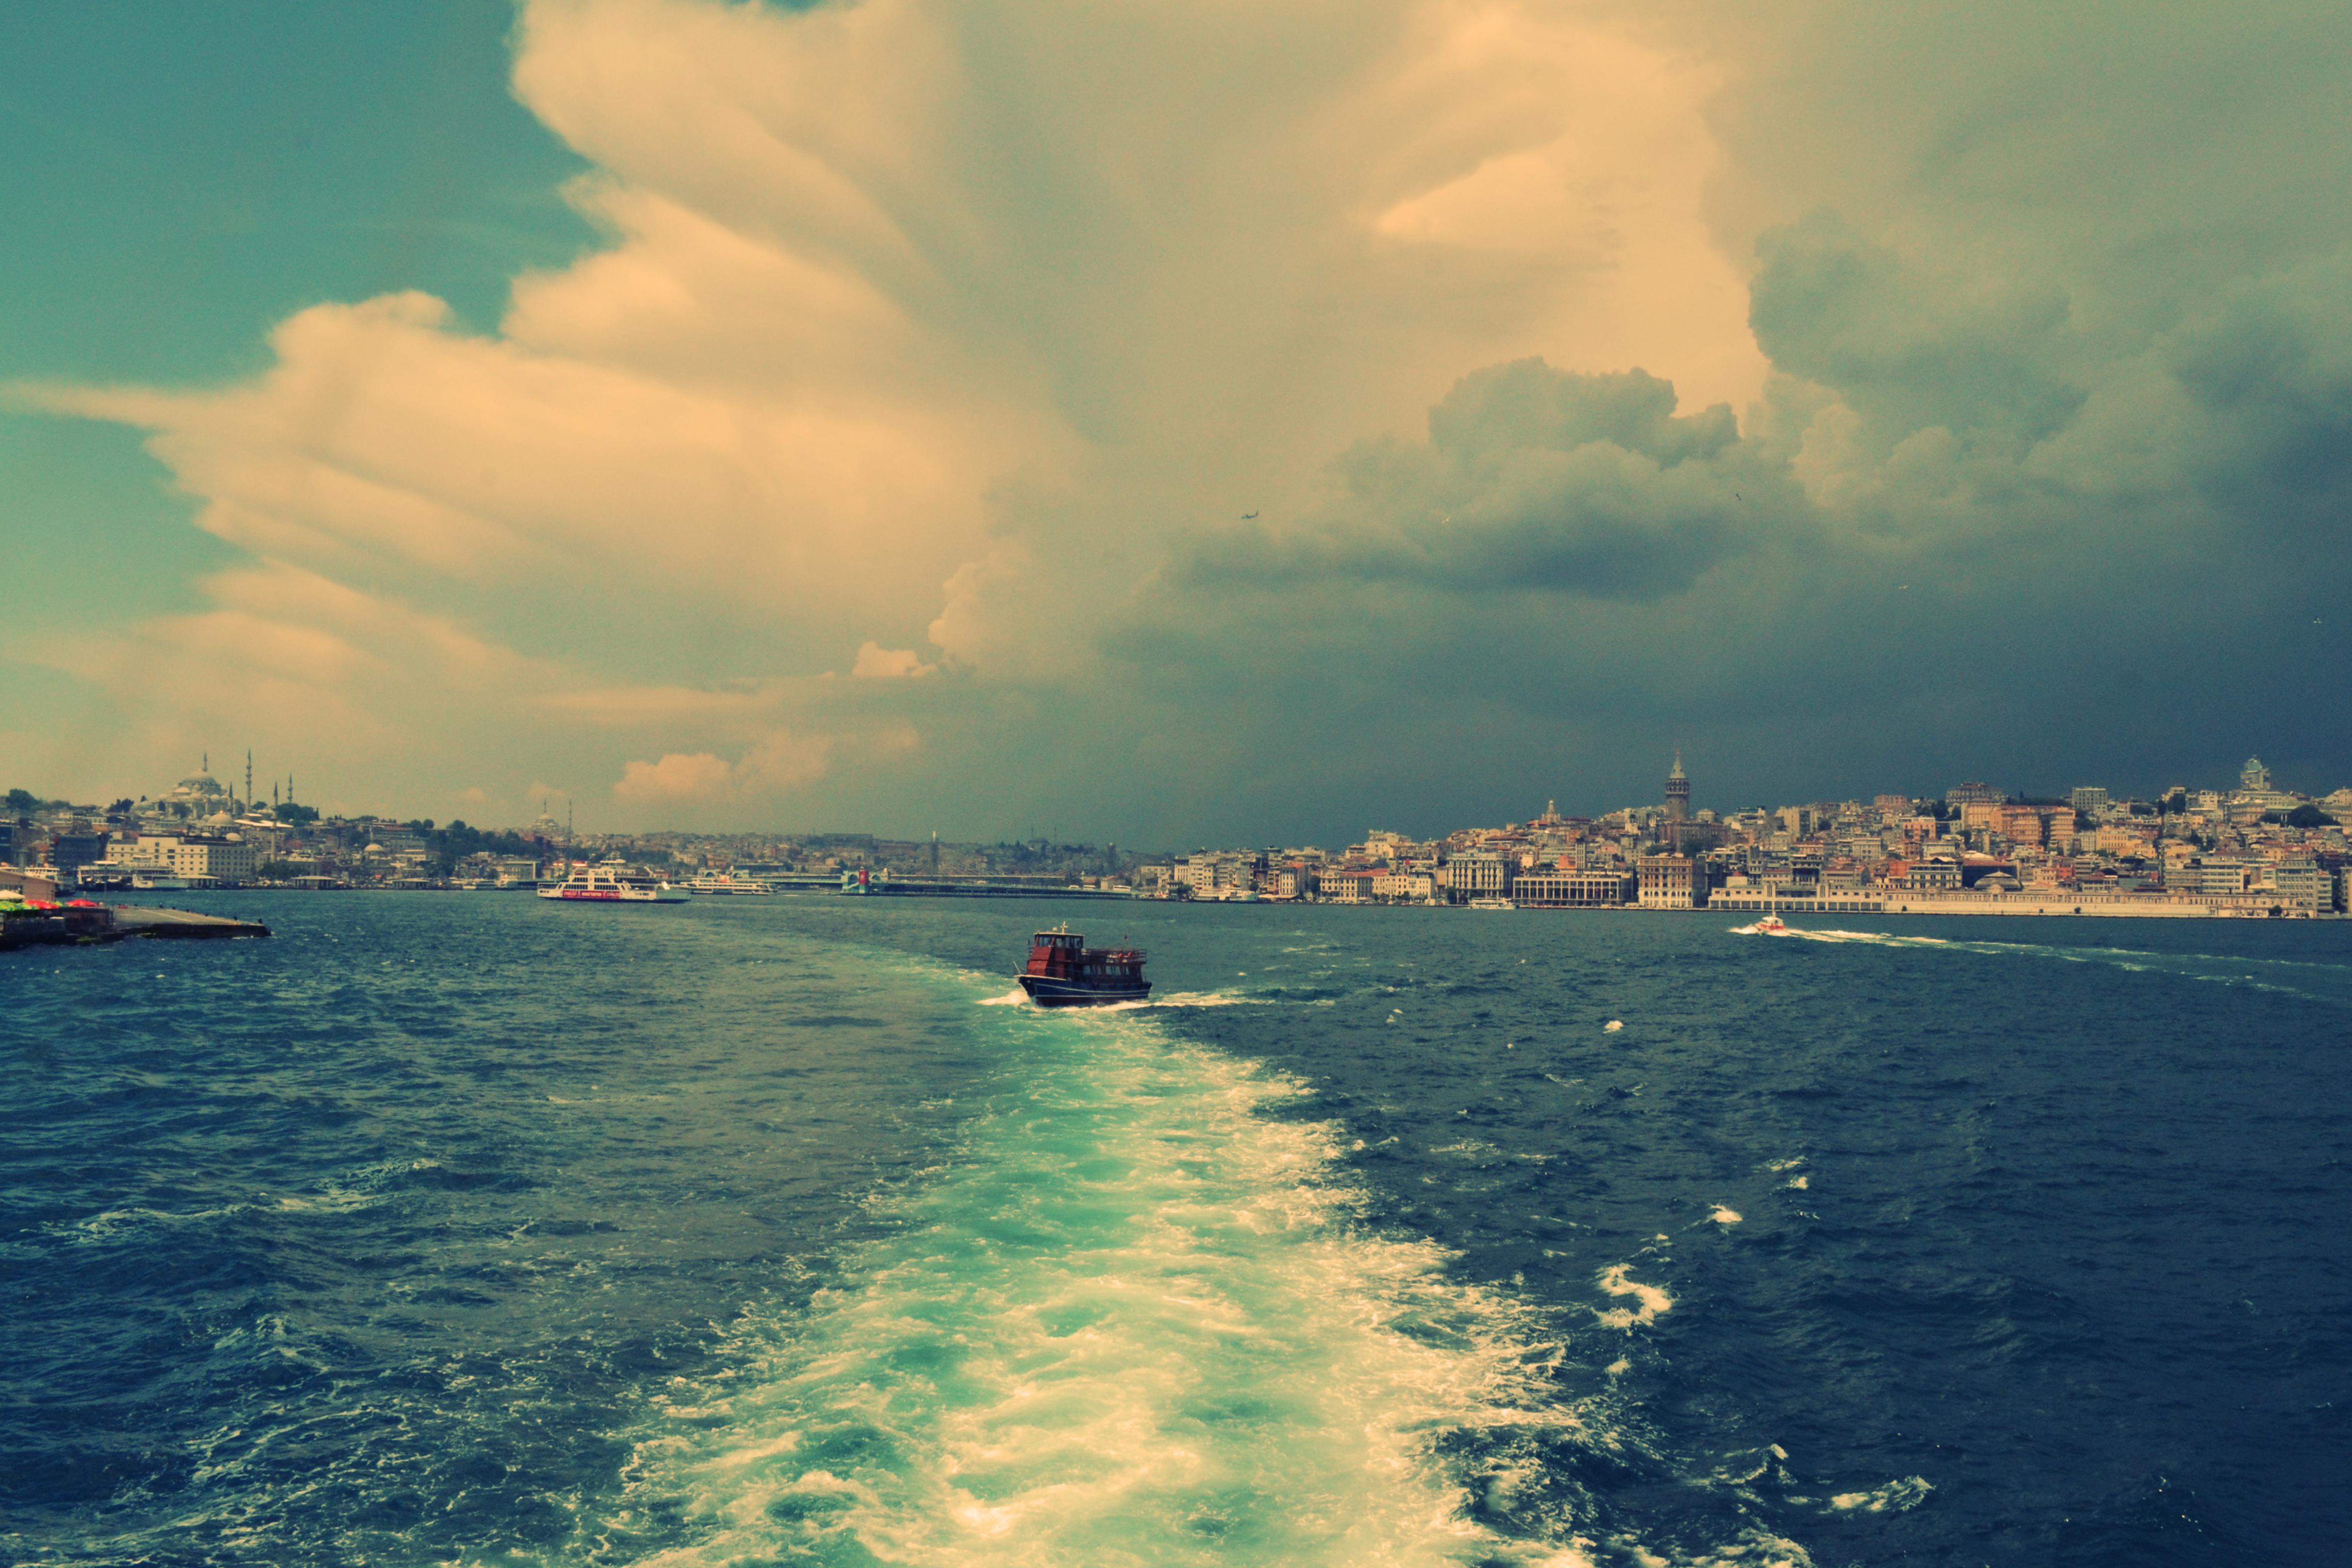 sea-city-sky-clouds